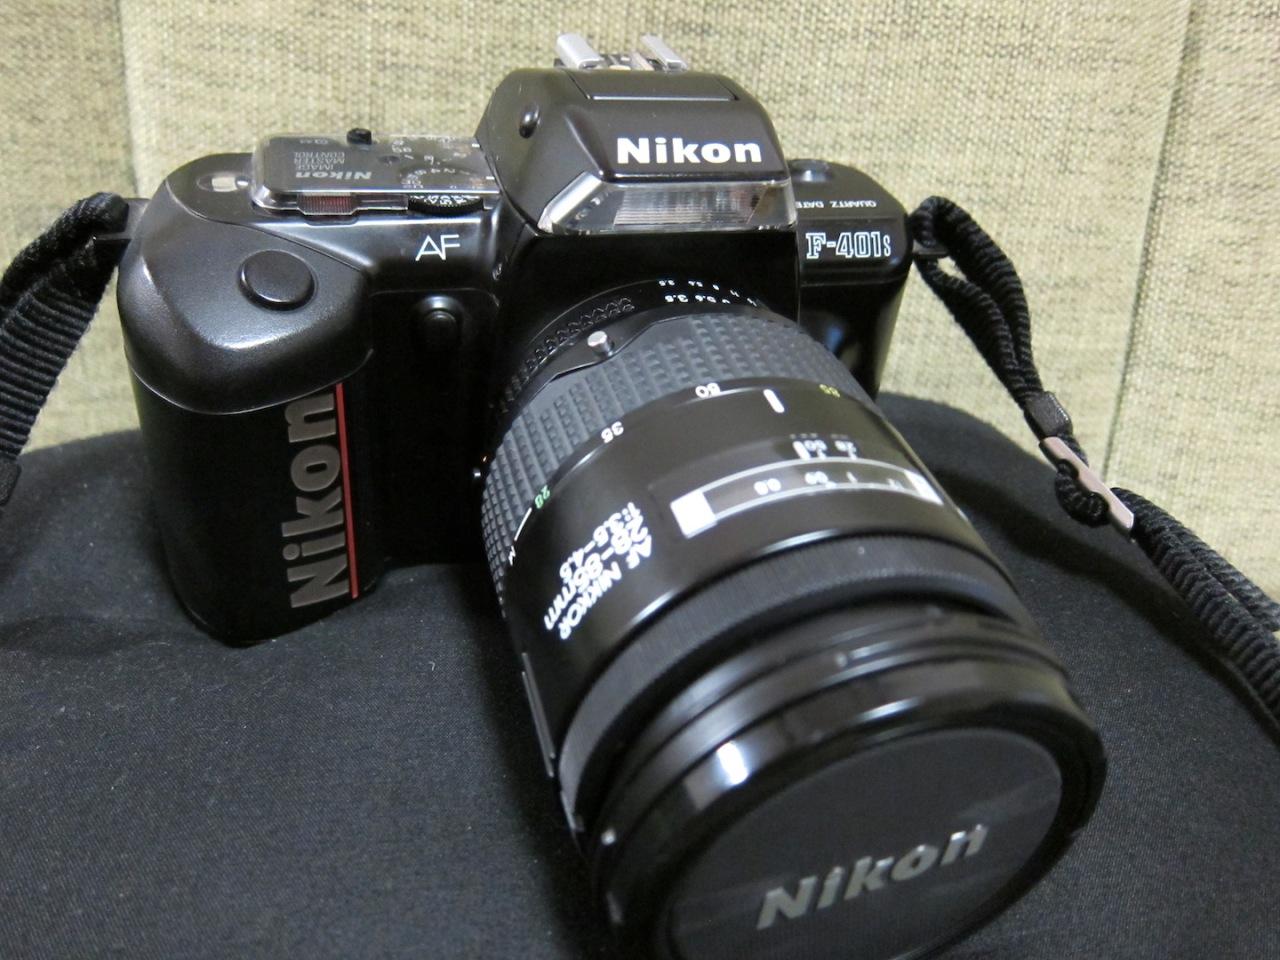 Nikon F-401s (N4004s)